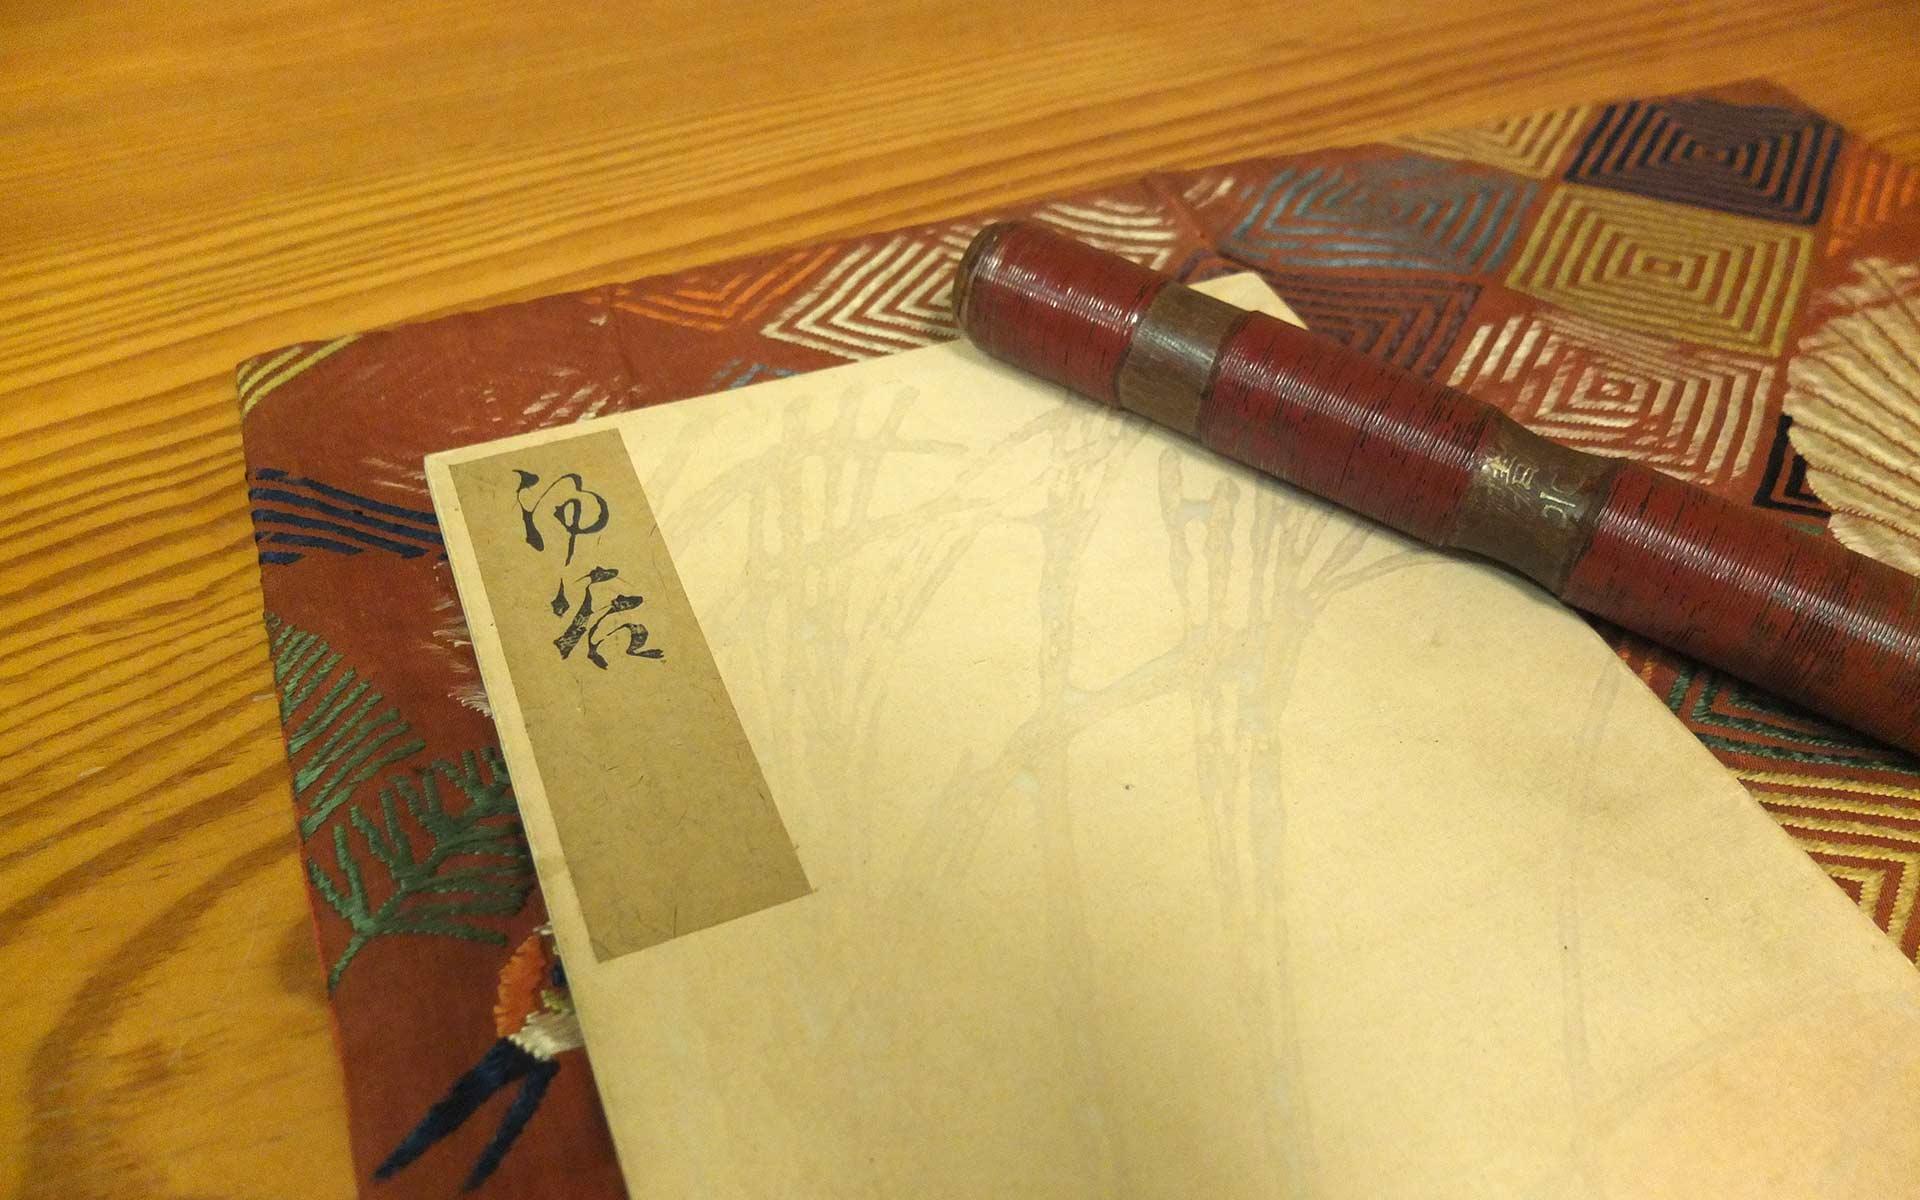 三十の手習い「茶道編」六、無言の道具が語ること